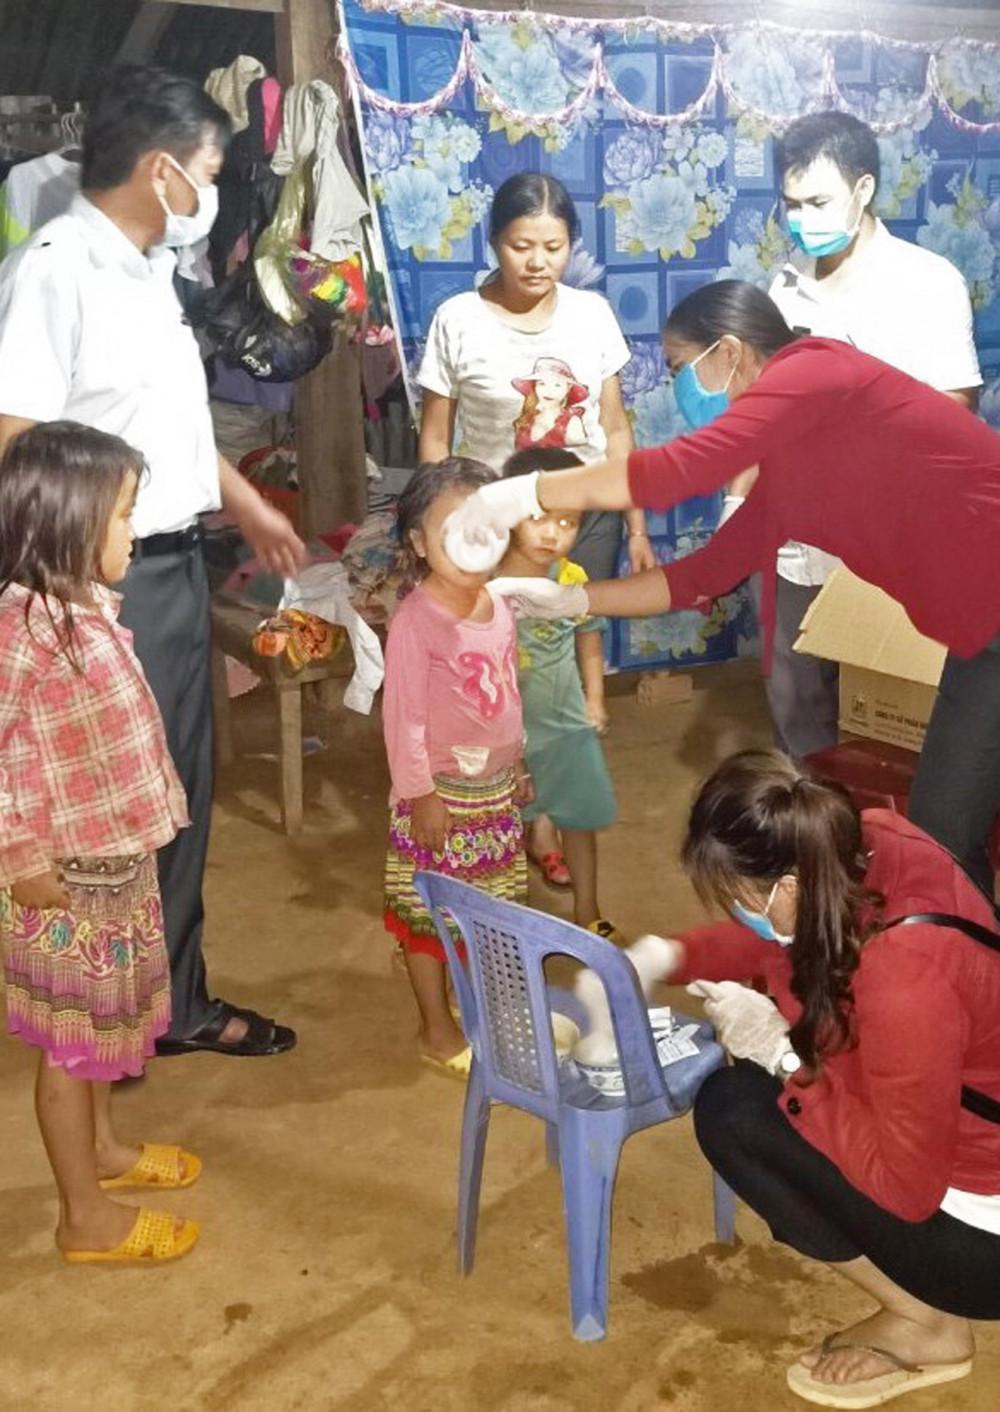 Cán bộ y tế cho người dân khu vực có dịch uống thuốc, tiêm phòng